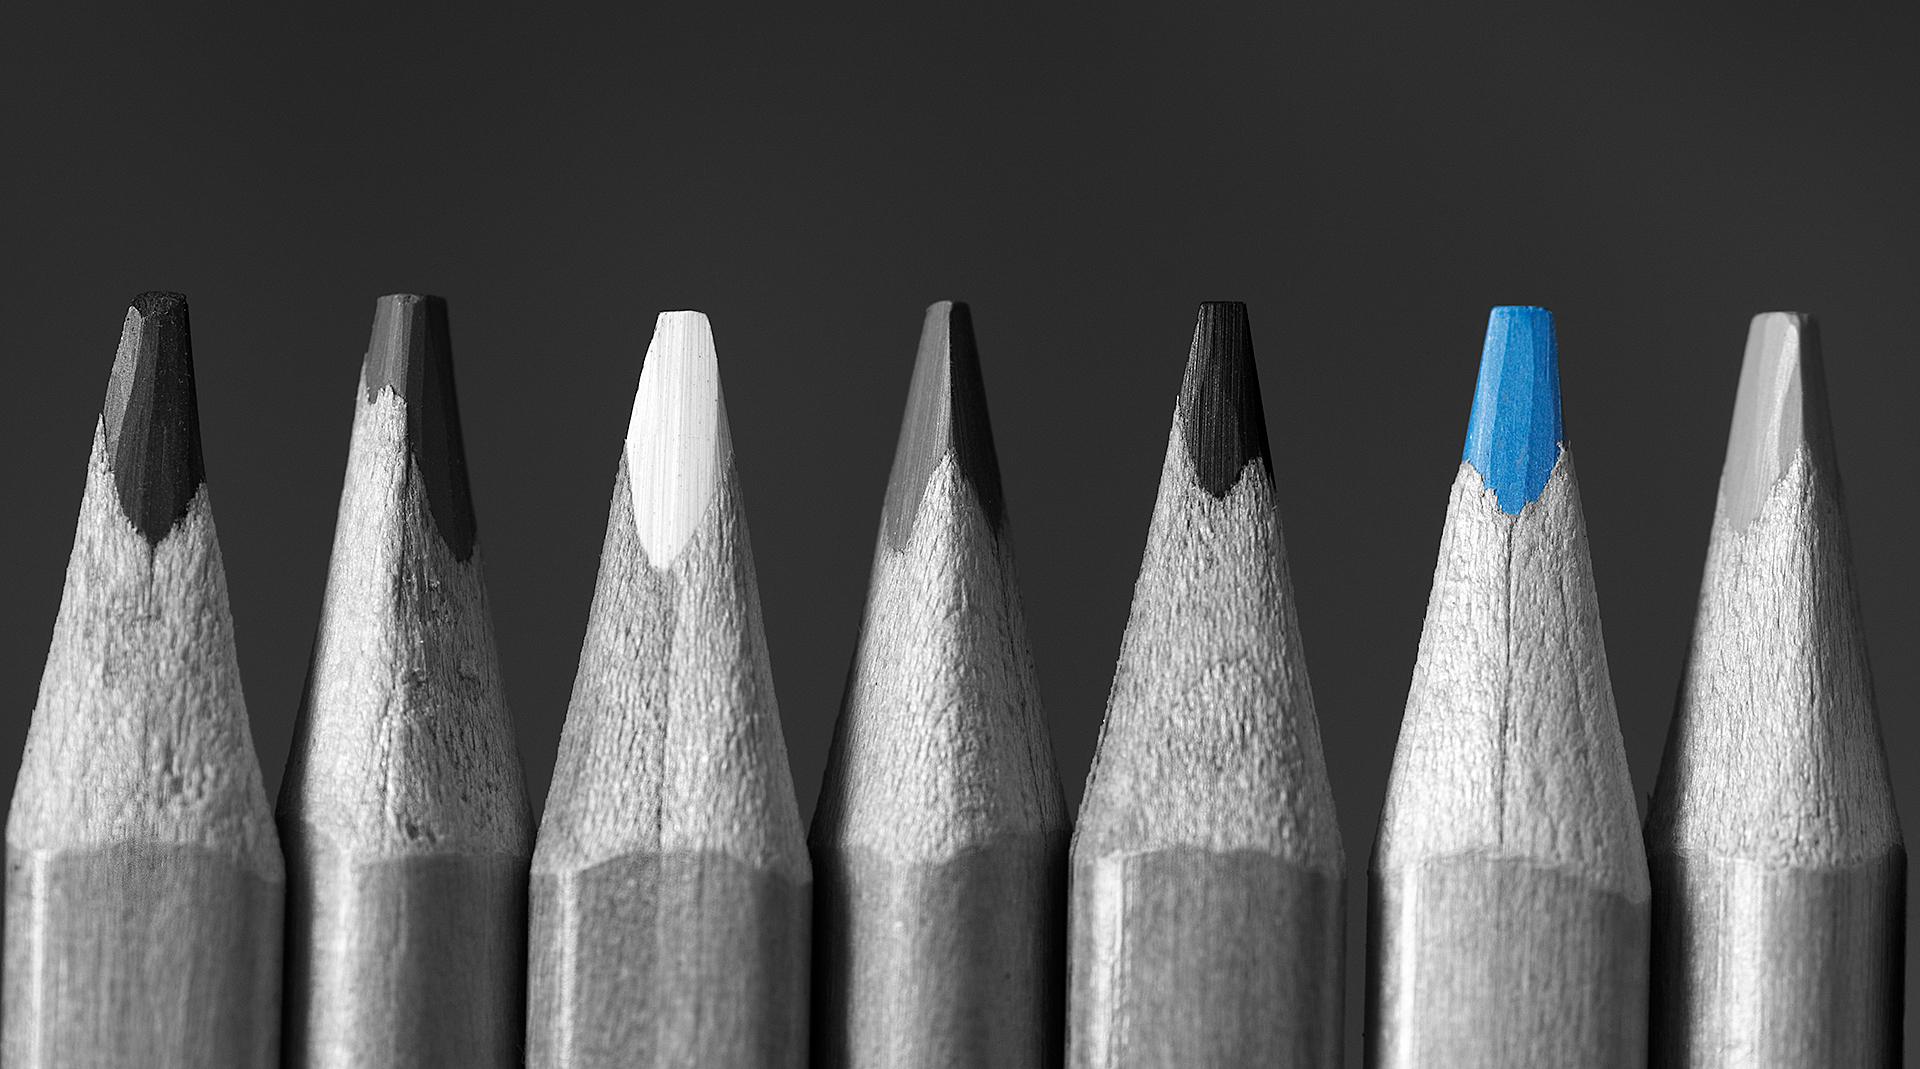 Just Pencils